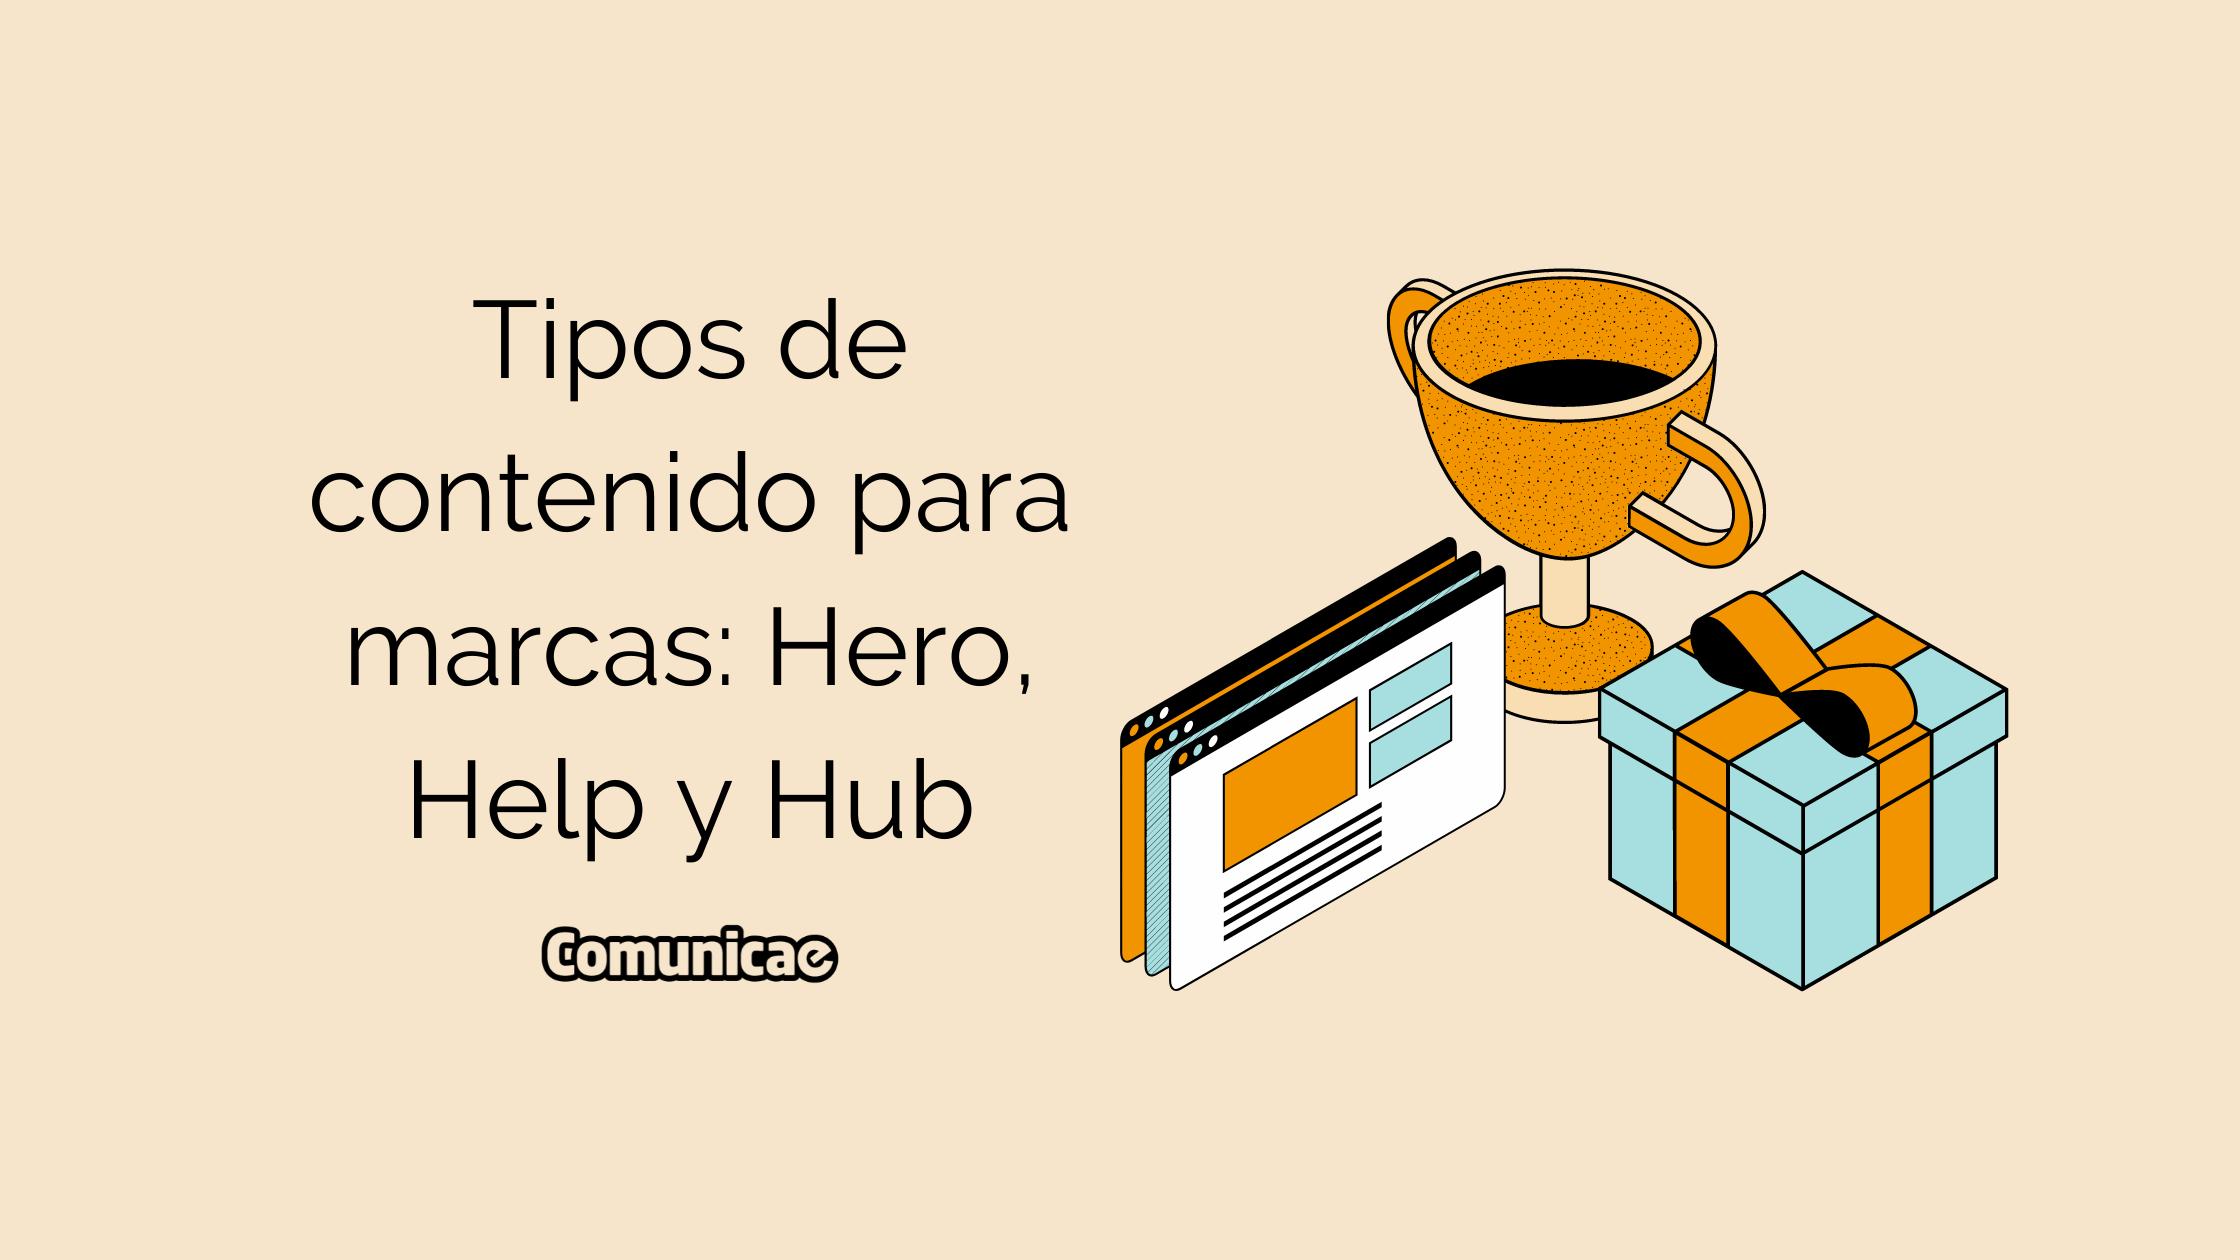 Tipos de contenido para marcas: Hero, Help y Hub